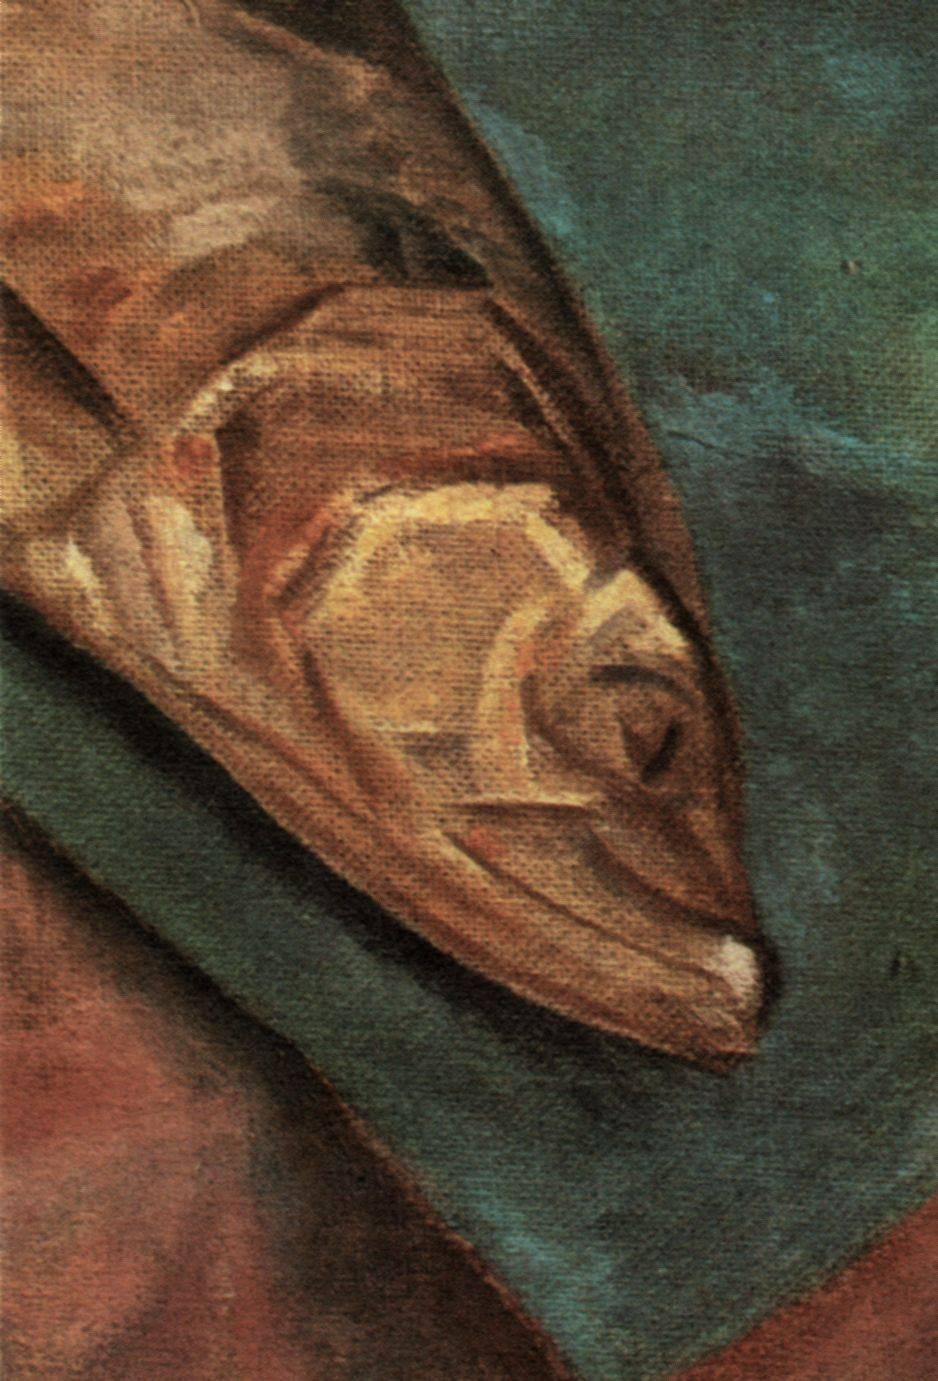 Фрагмент картины.: www.kidly.ru/art/poprobuem-posmotret-na-mir-glazami-xudozhnika.html